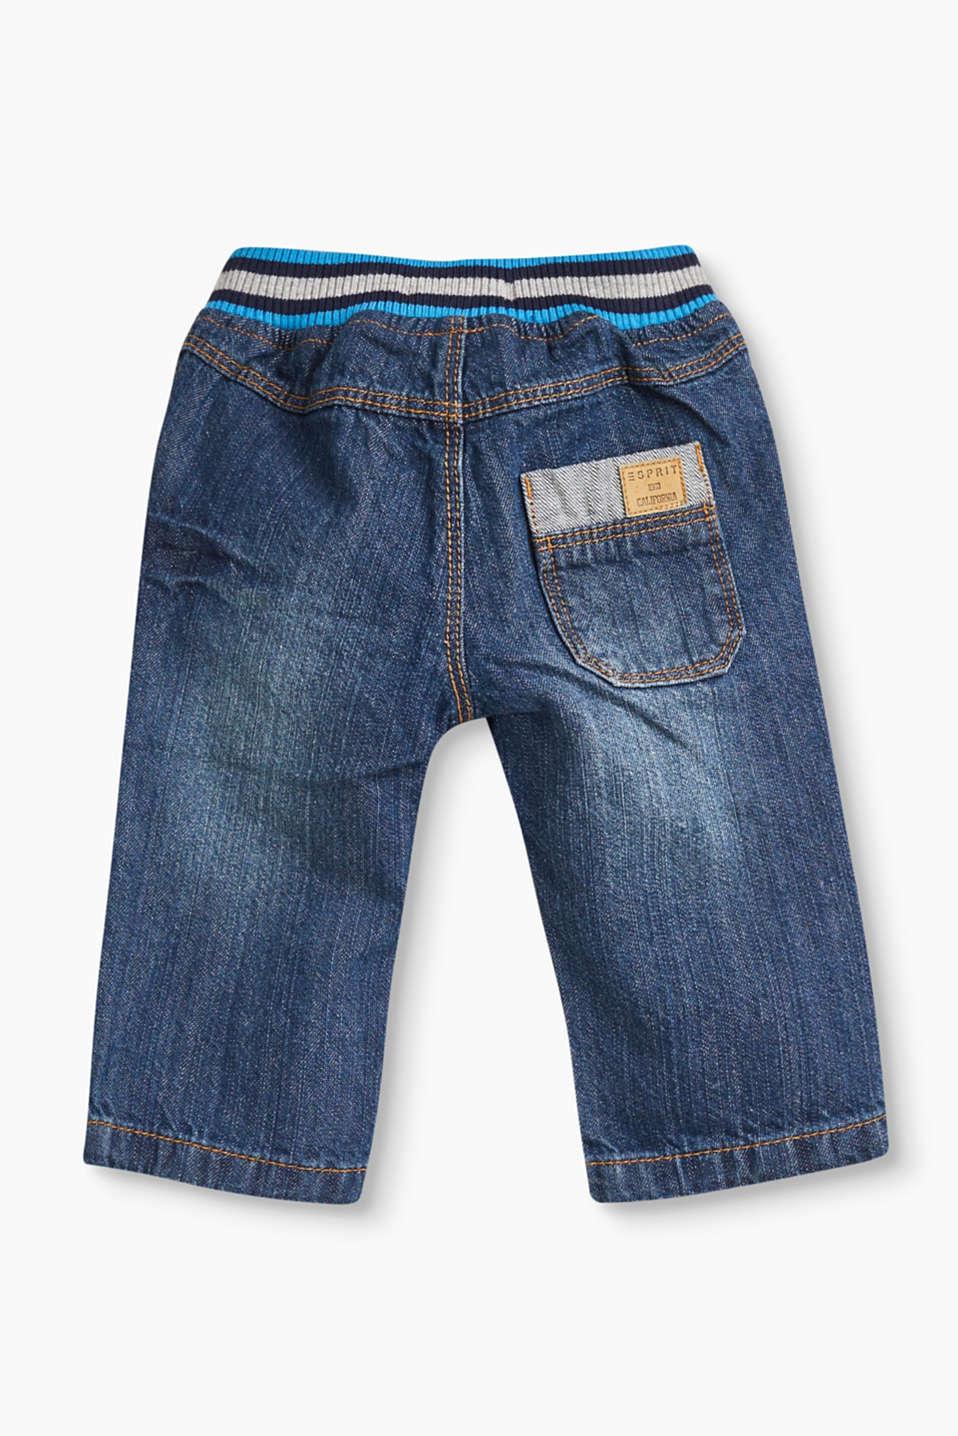 esprit jeans mit rippbund 100 baumwolle im online shop. Black Bedroom Furniture Sets. Home Design Ideas